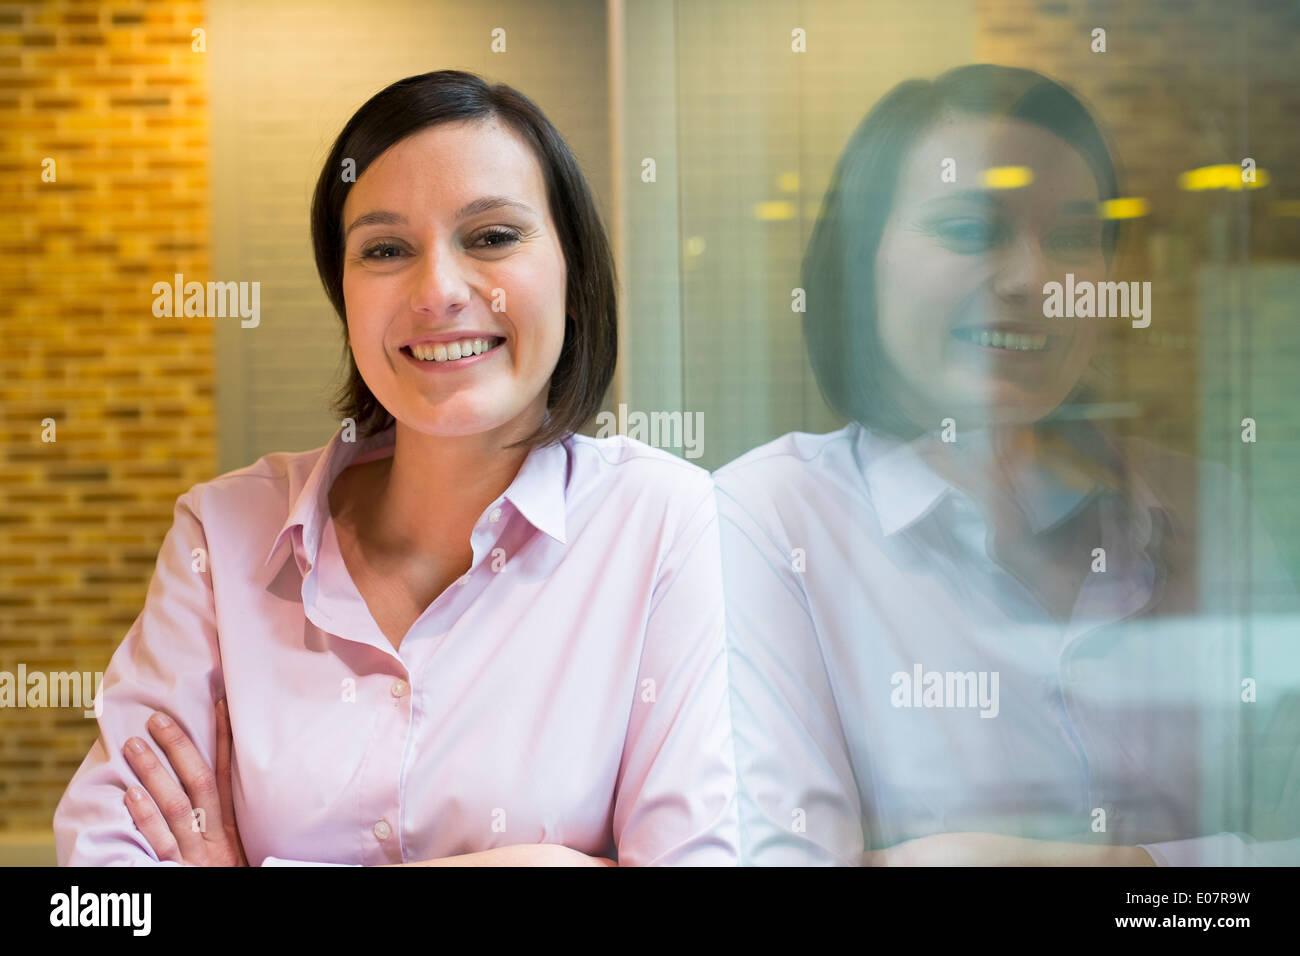 Inicio negocios femenina busca estudiante de cámara Imagen De Stock